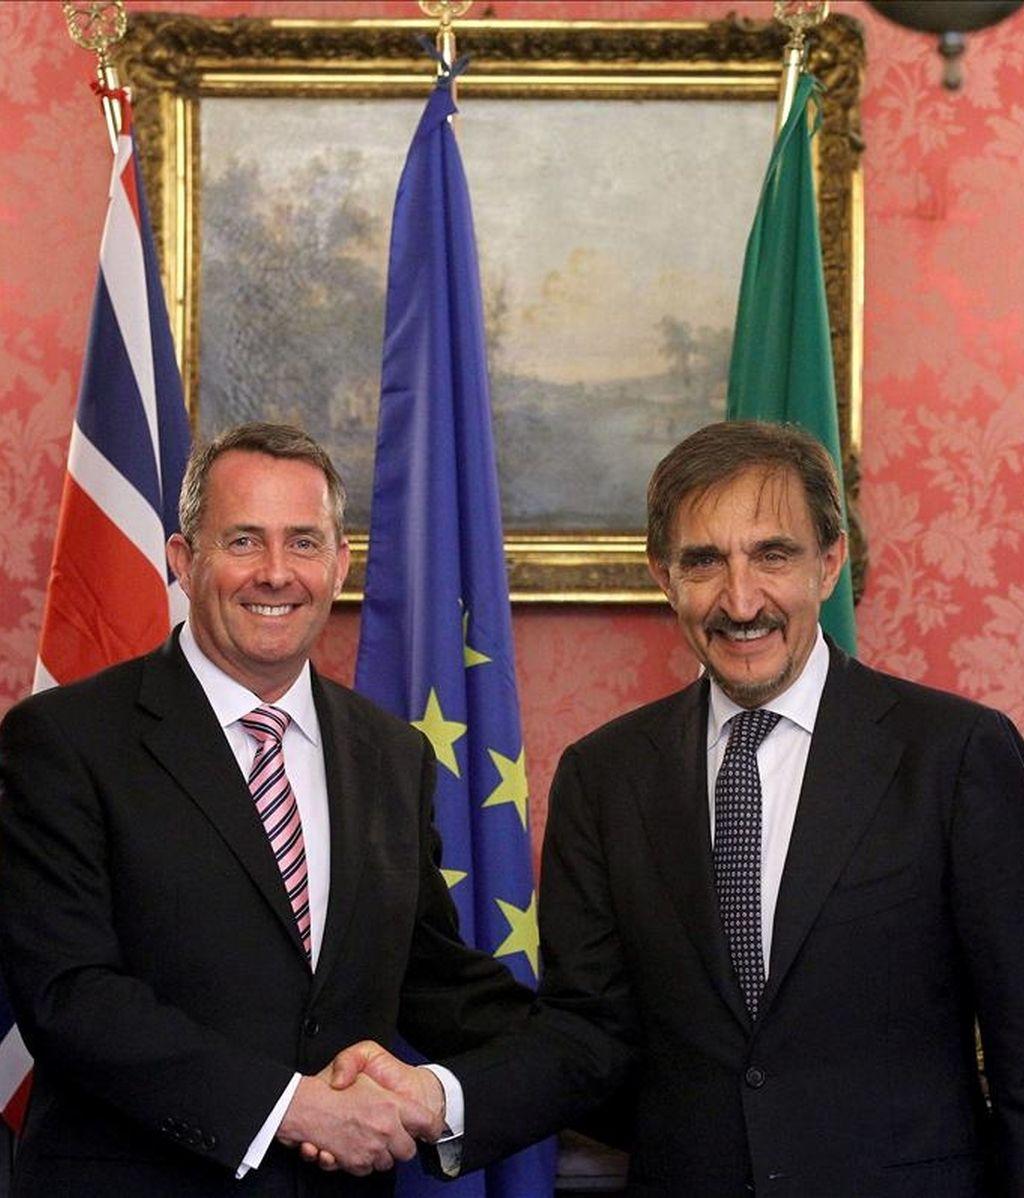 El ministro británico de Defensa, Liam Fox, (i), y su homólogo italiano Ignazio La Russa (d) posan para los medios al término del encuentro que han mantenido en Roma, Italia. EFE